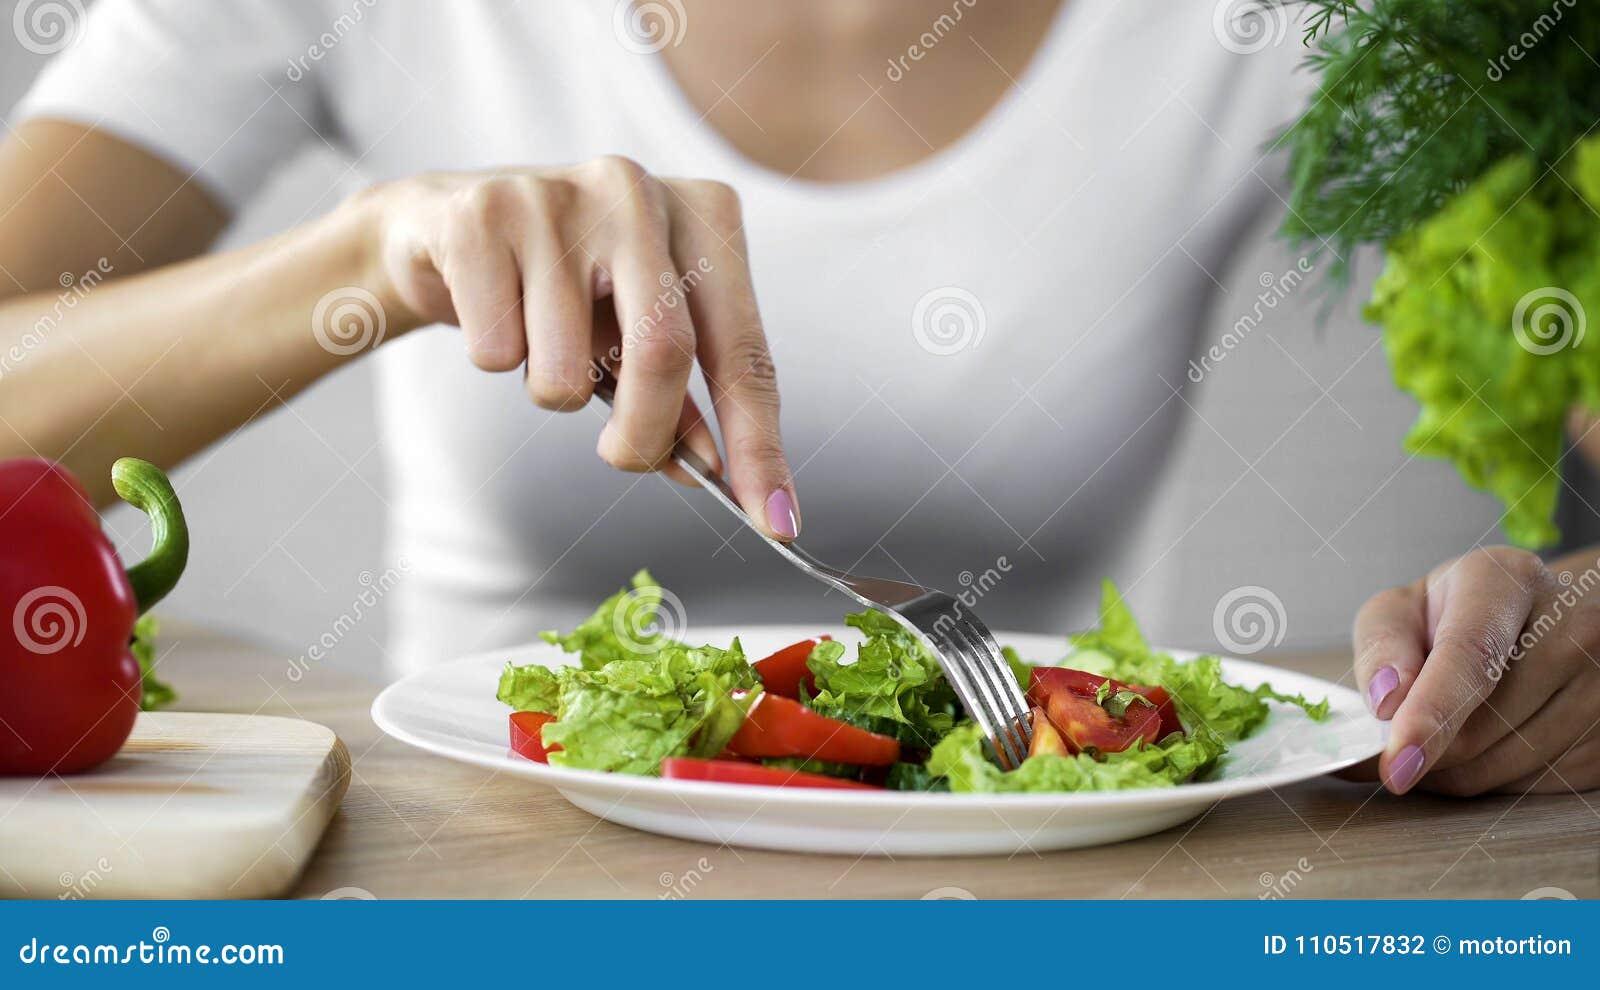 Νέα κυρία που παίρνει το δίκρανο σαλάτας ντοματών από το πιάτο γευμάτων, υγιές πρόχειρο φαγητό, βιταμίνες